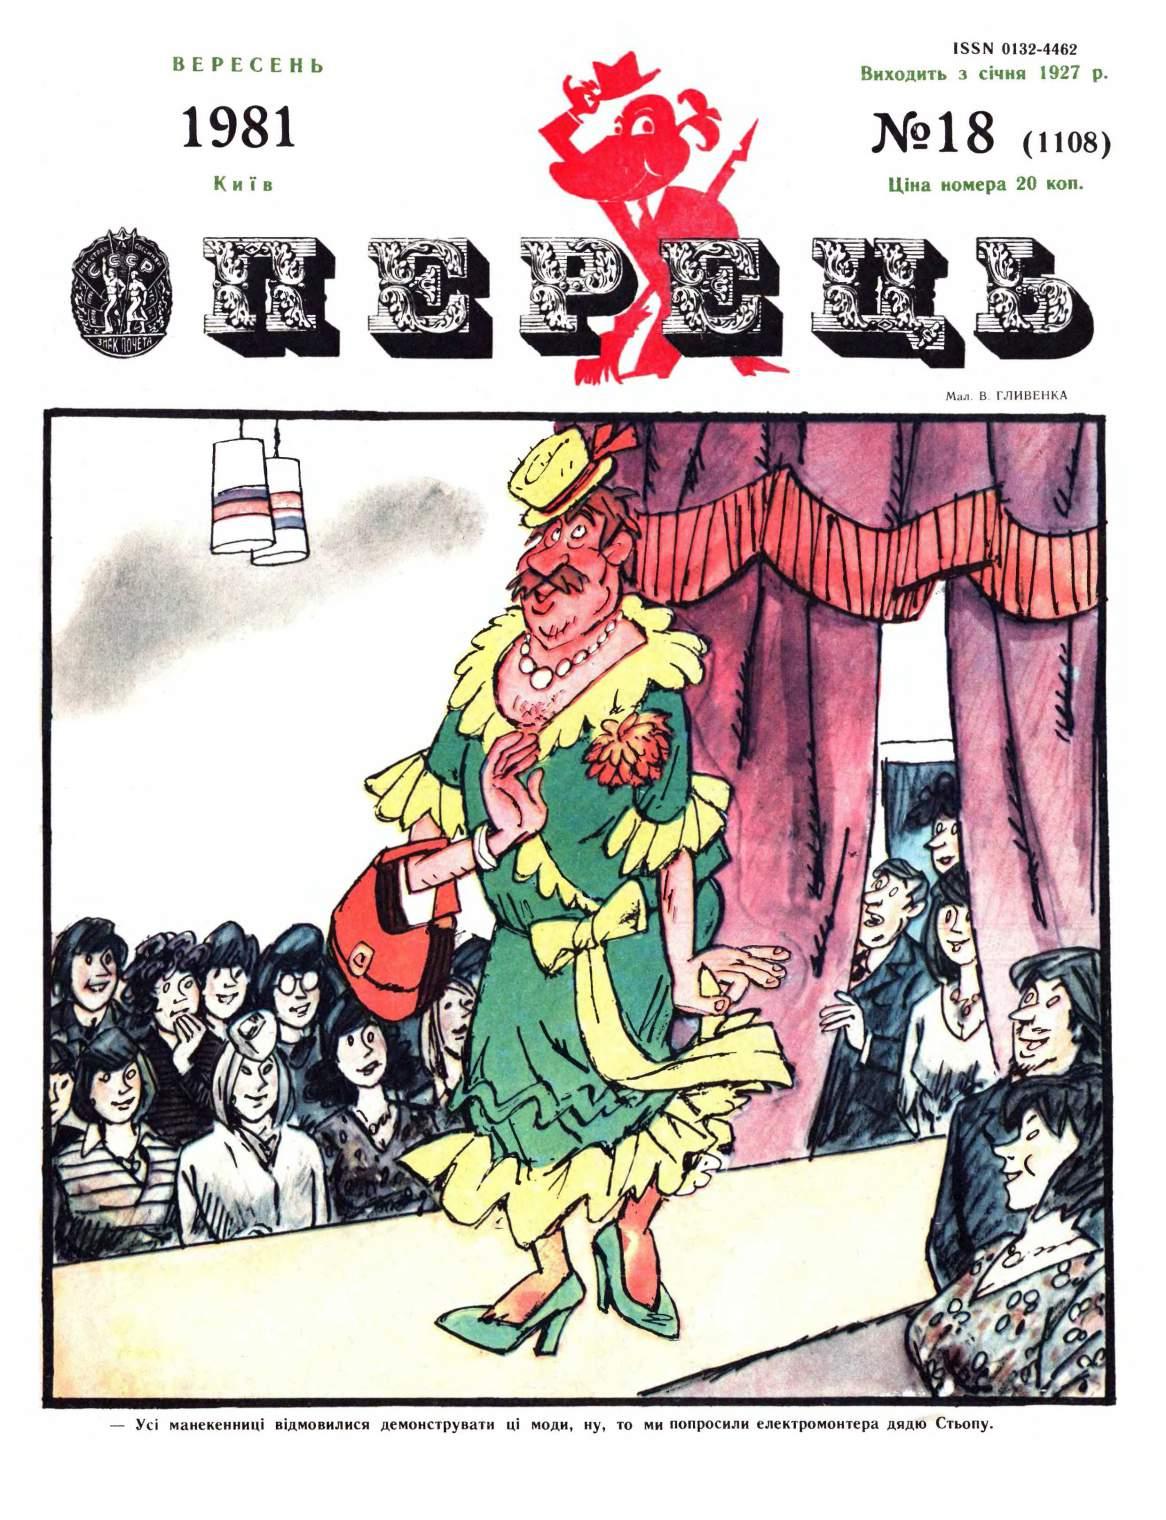 Журнал перець 1981 №18